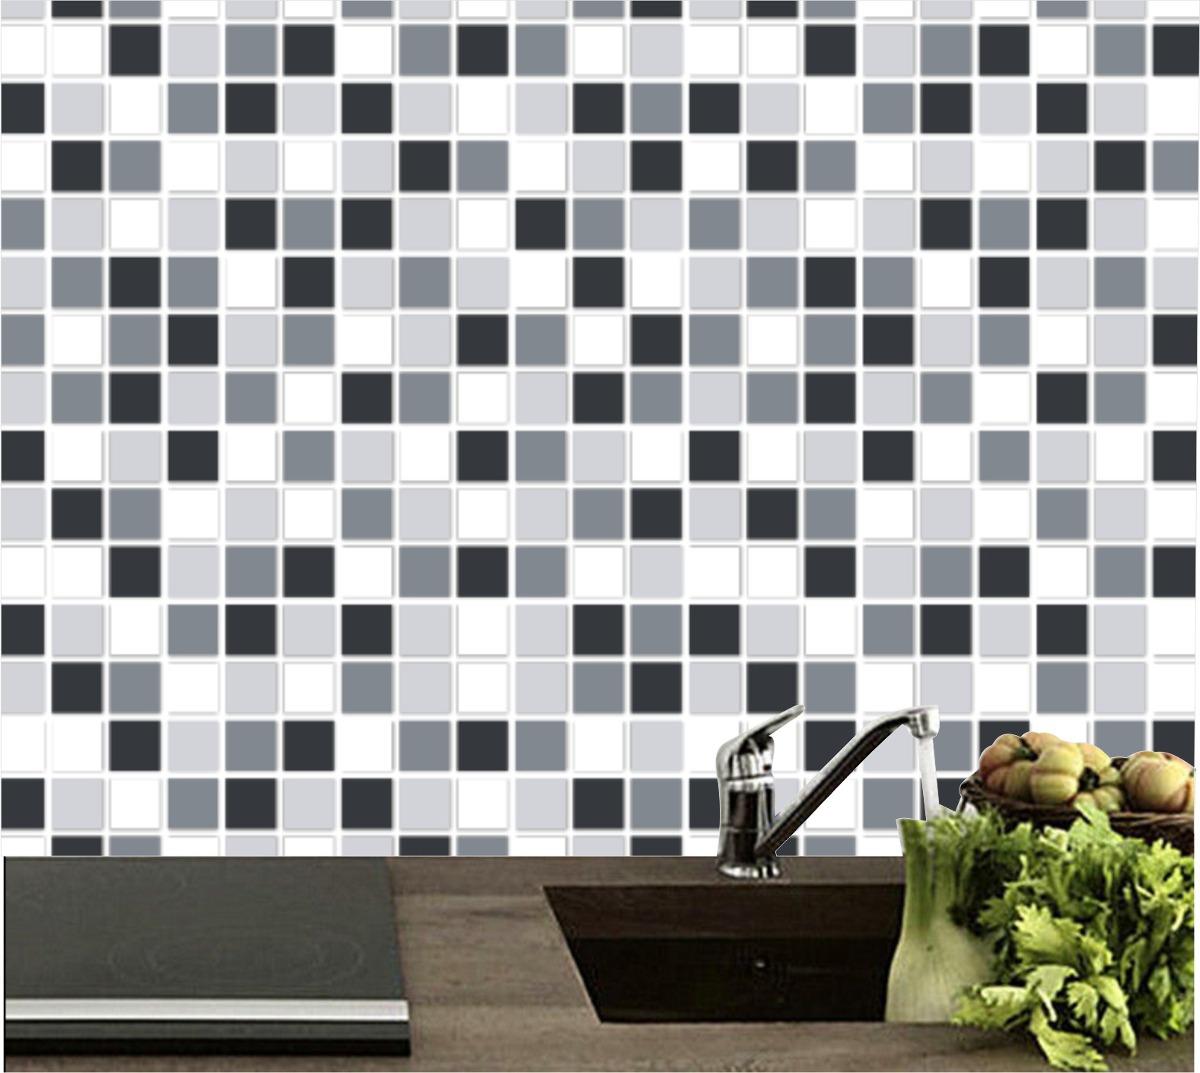 0782a2d9a adesivo parede pastilhas cozinha lavável vinílico grande. Carregando zoom.